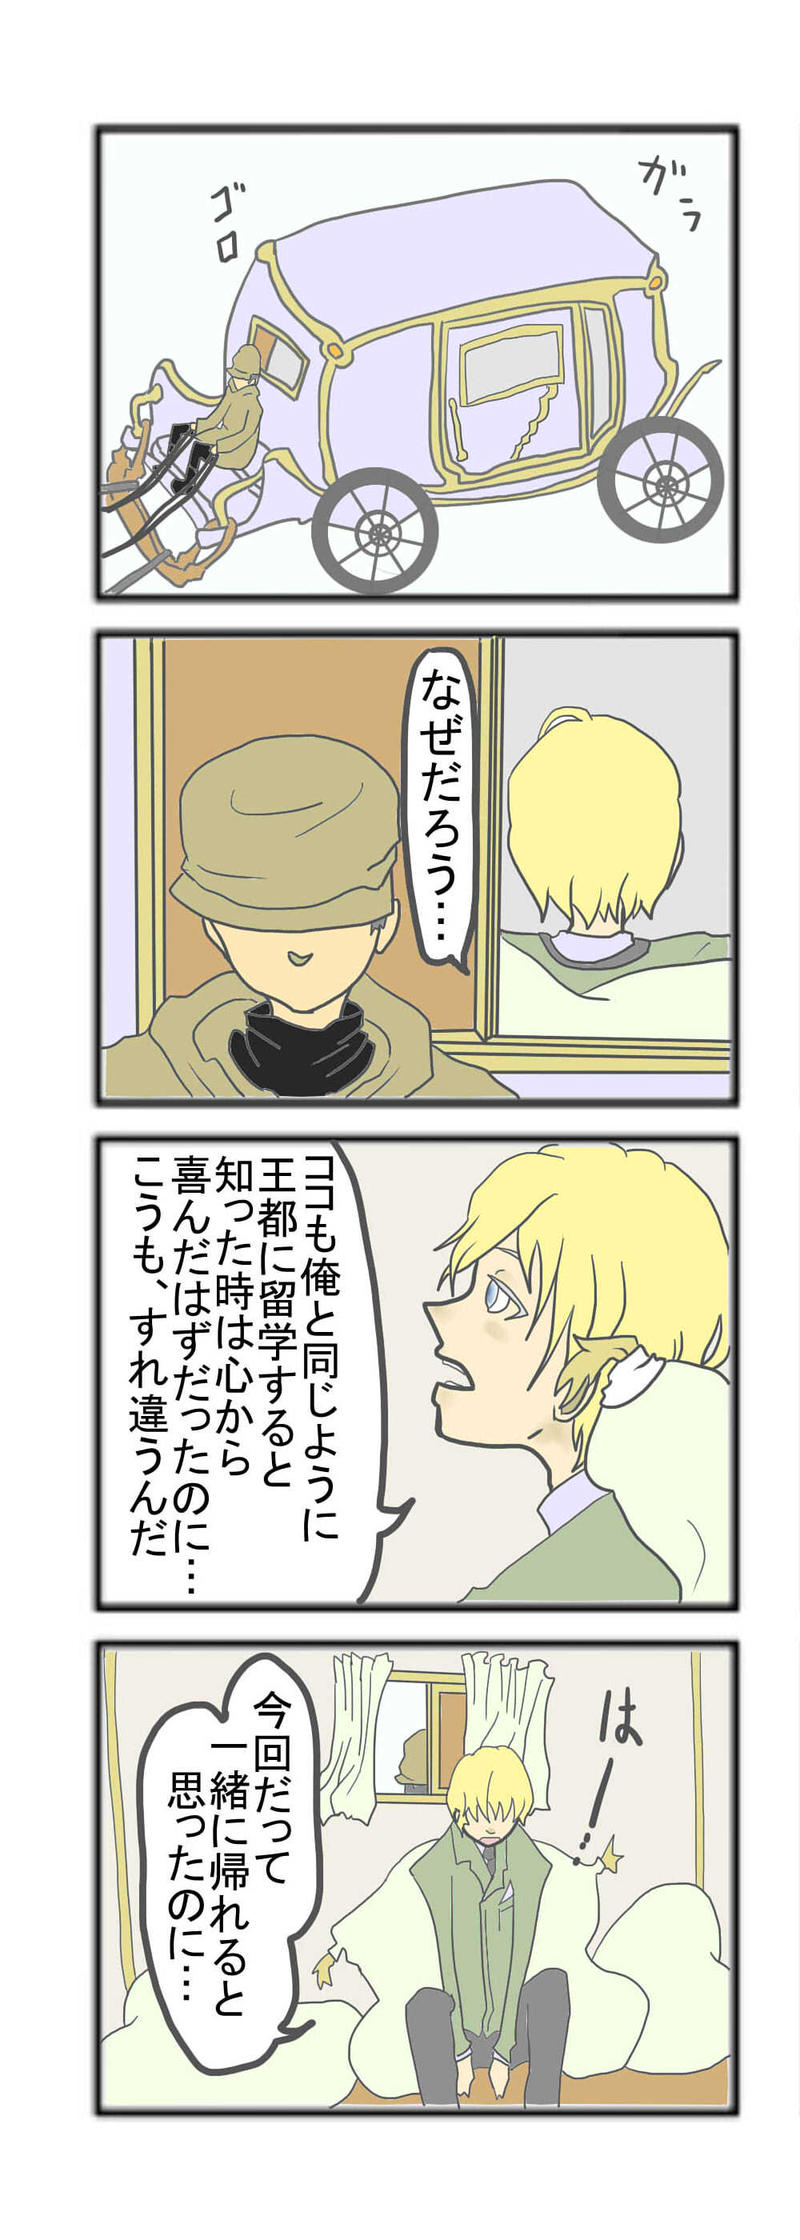 #12 『いちゃいちゃしたい』